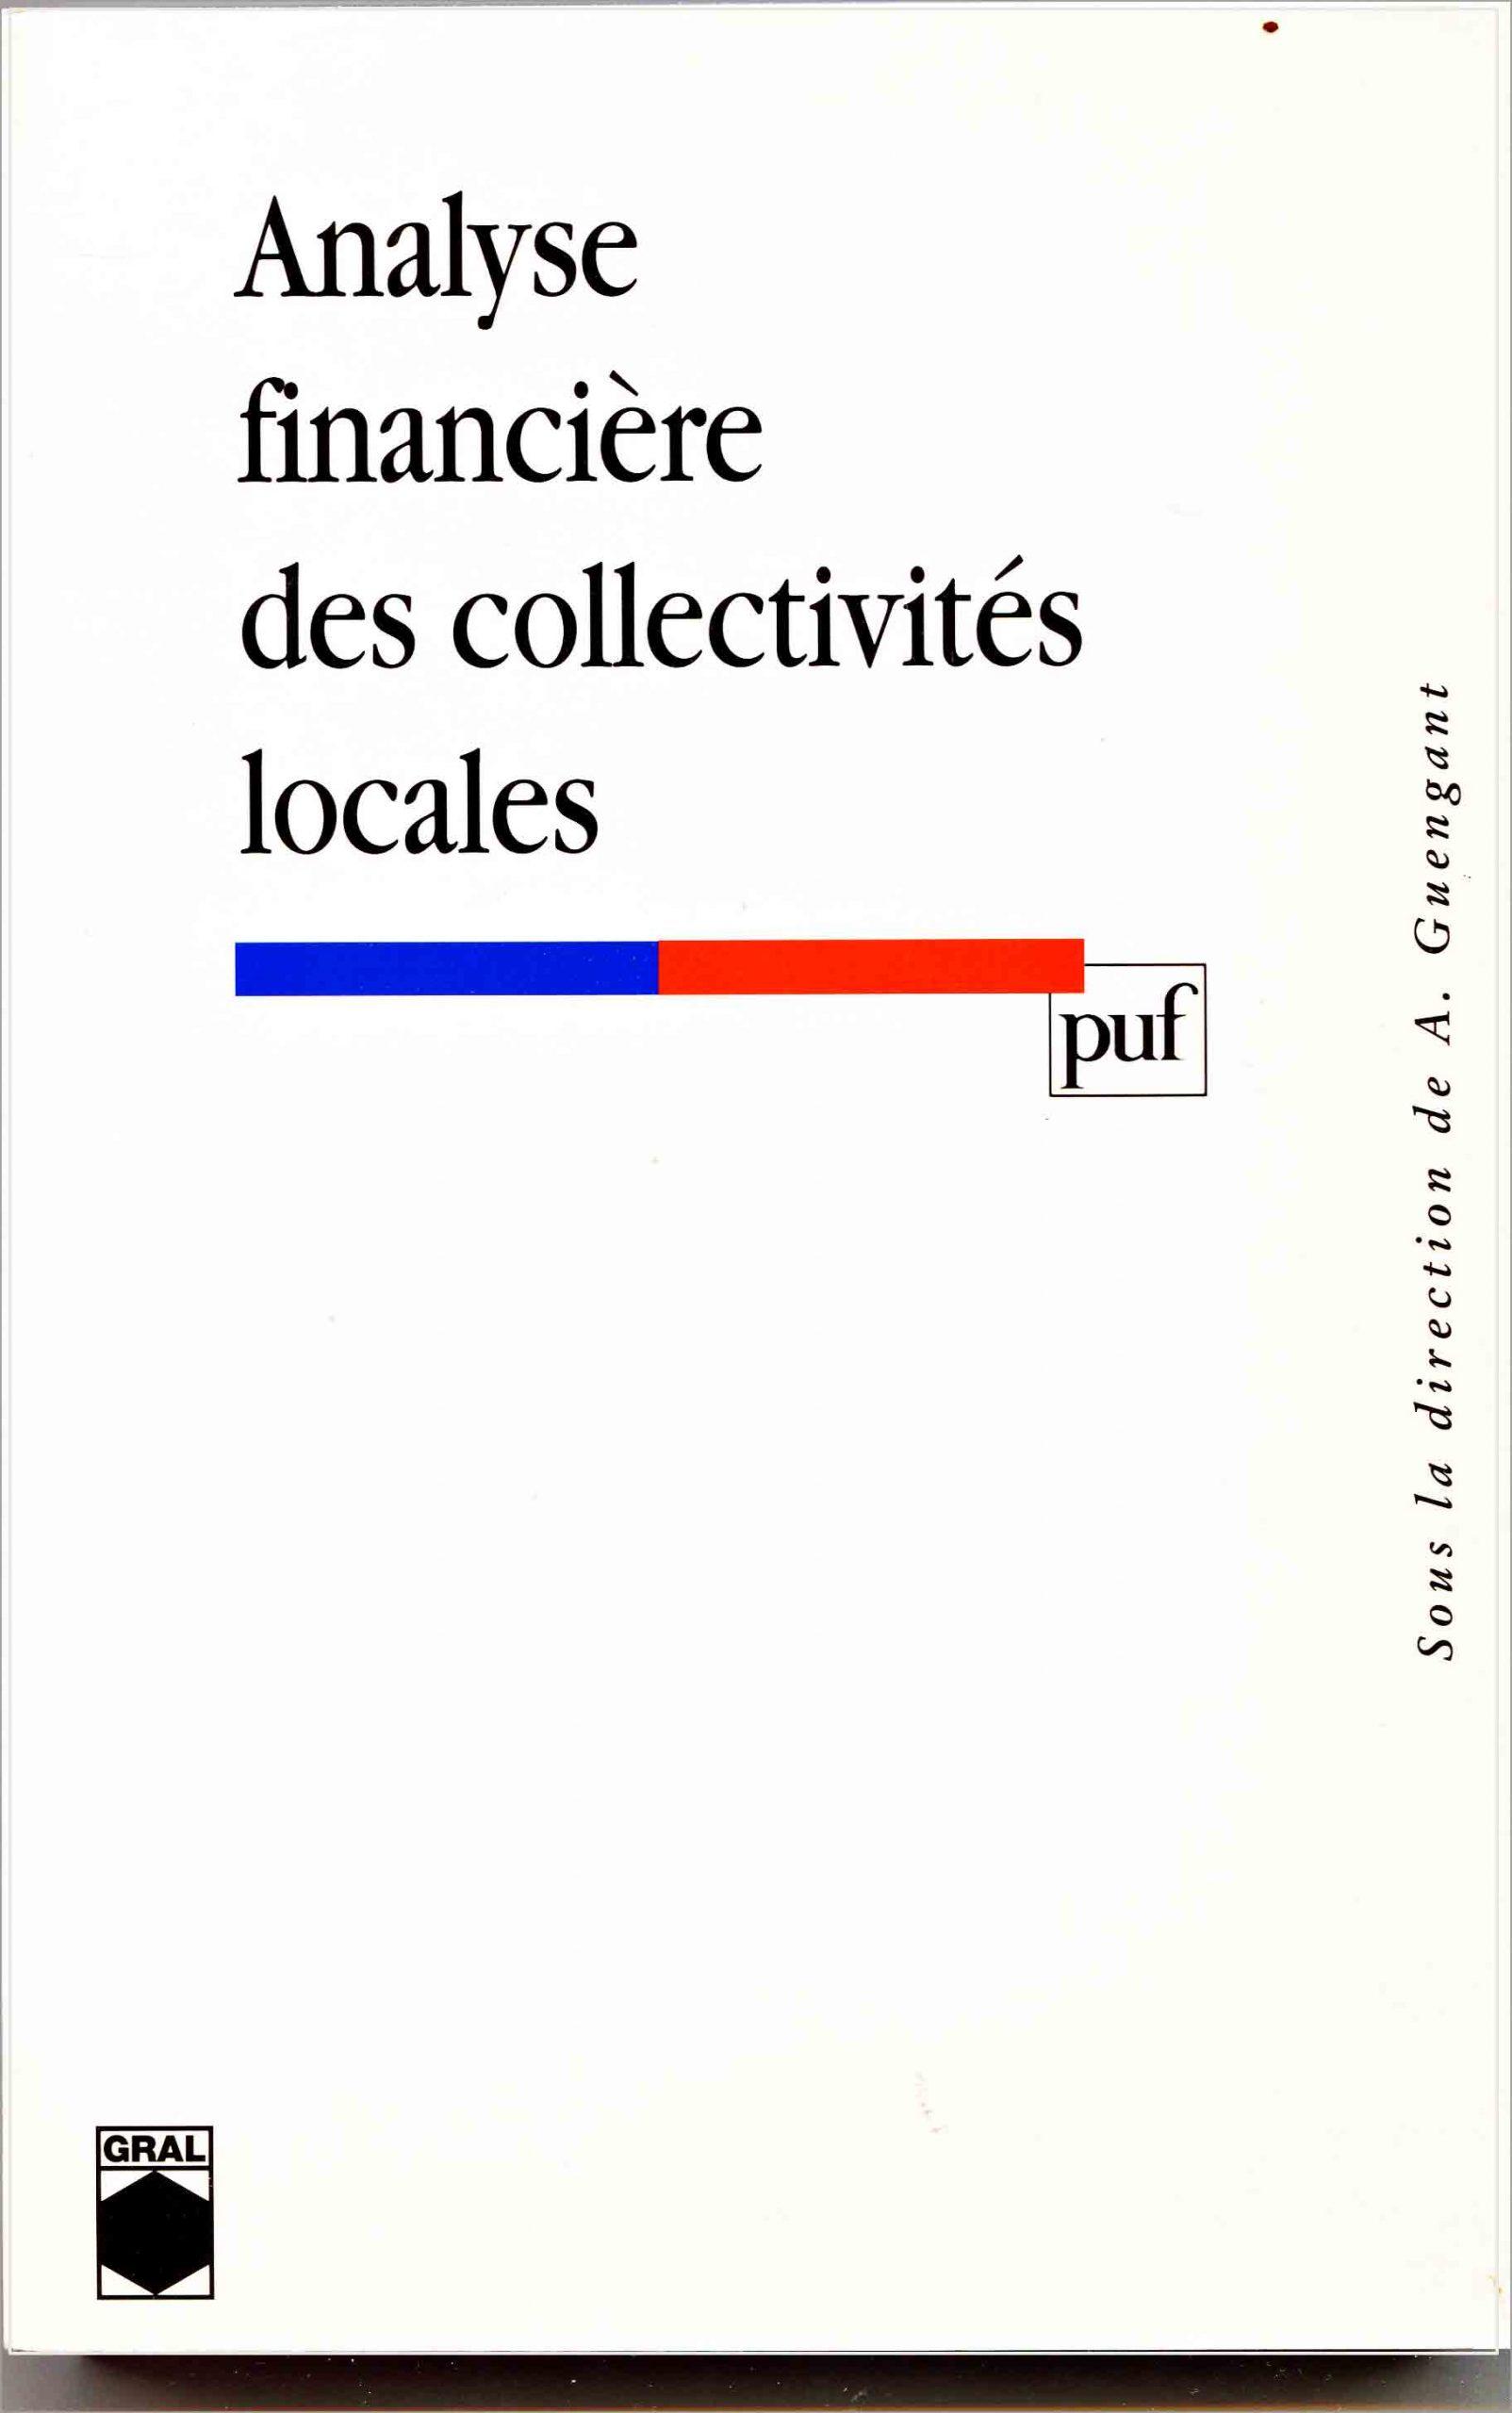 Analyse financière des collectivités locales